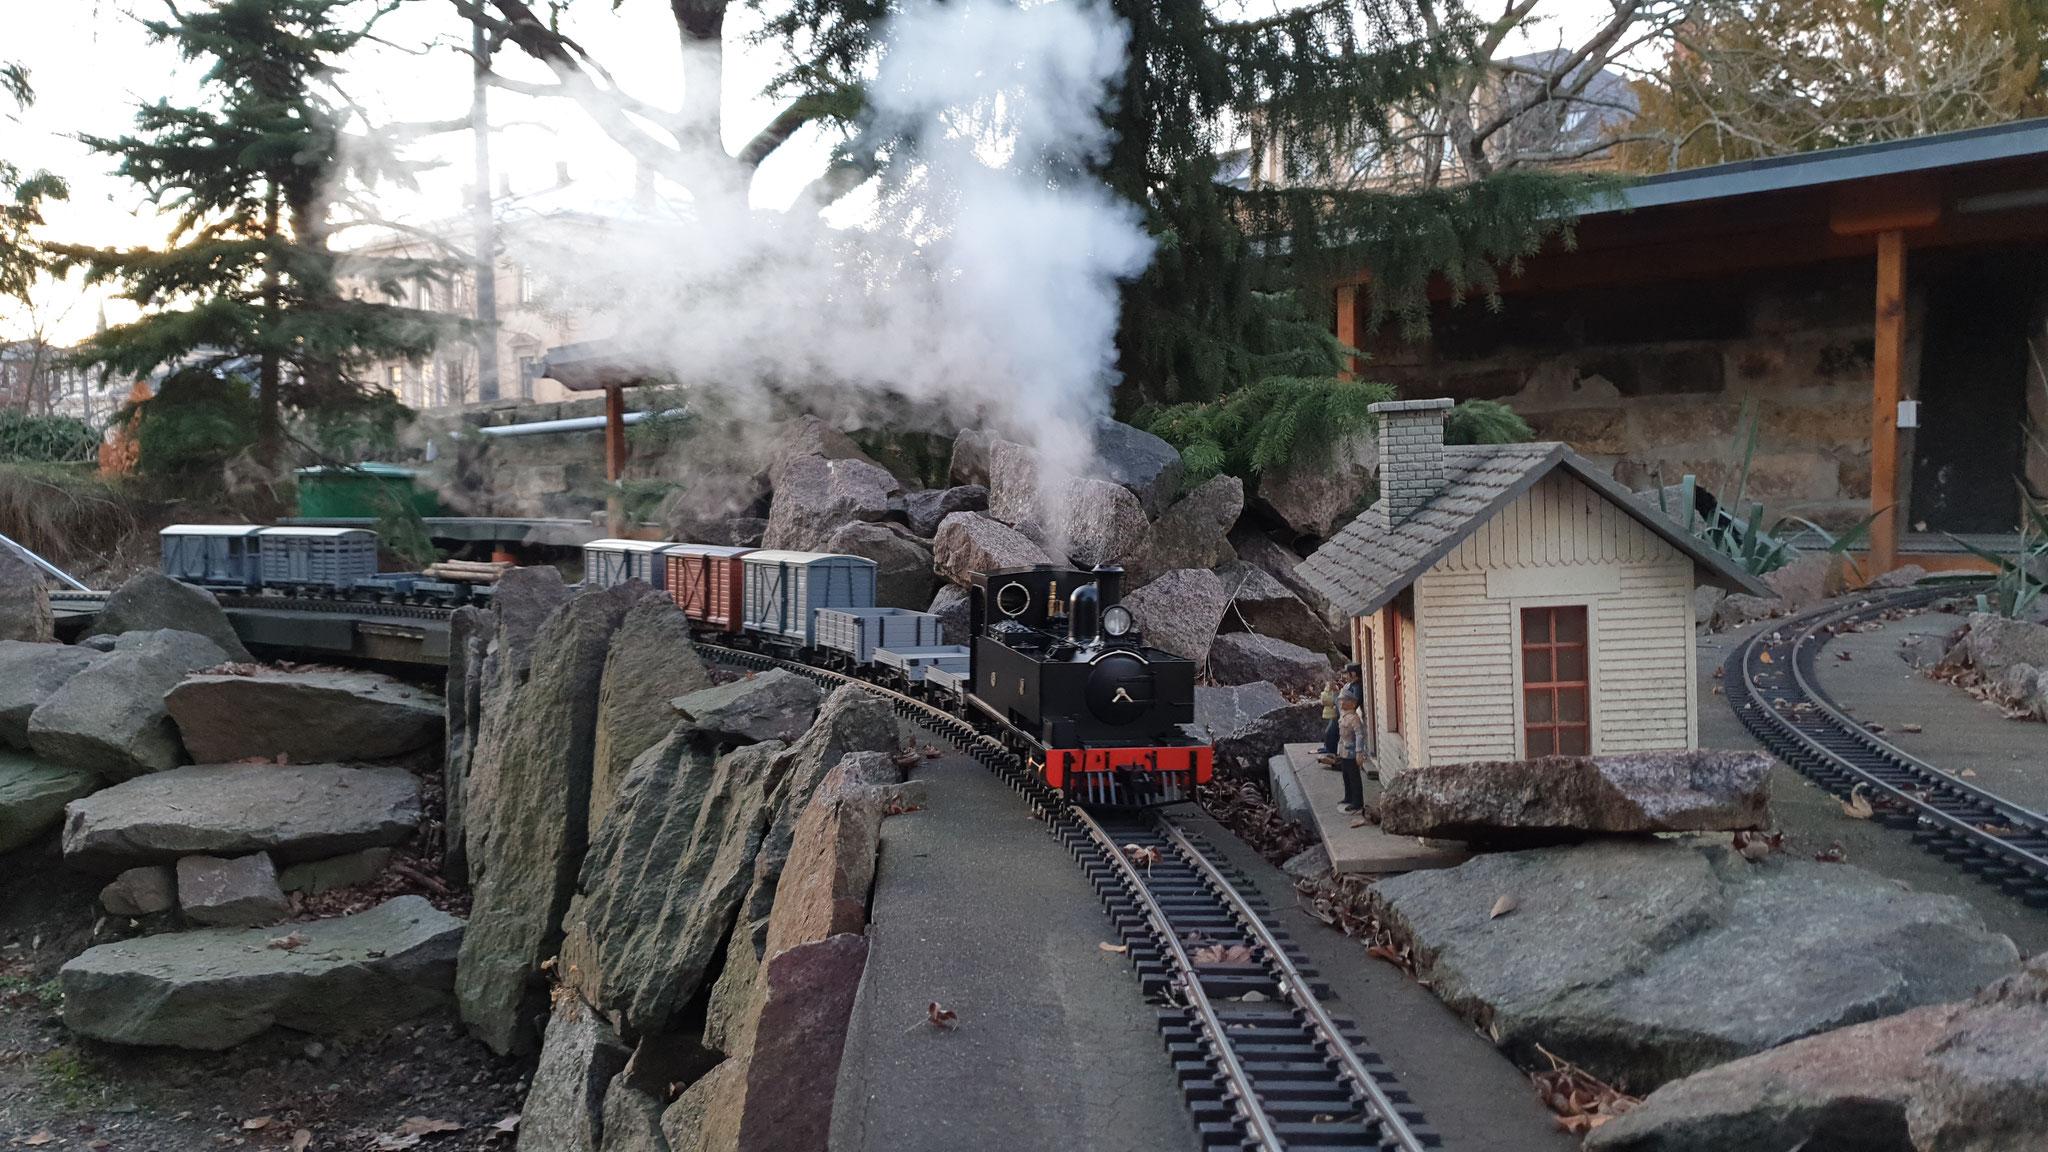 W&L #14 (SLR 86) Hunslet mit einem vorbildgerechten Zug anlässlich des Abdampfen 2018